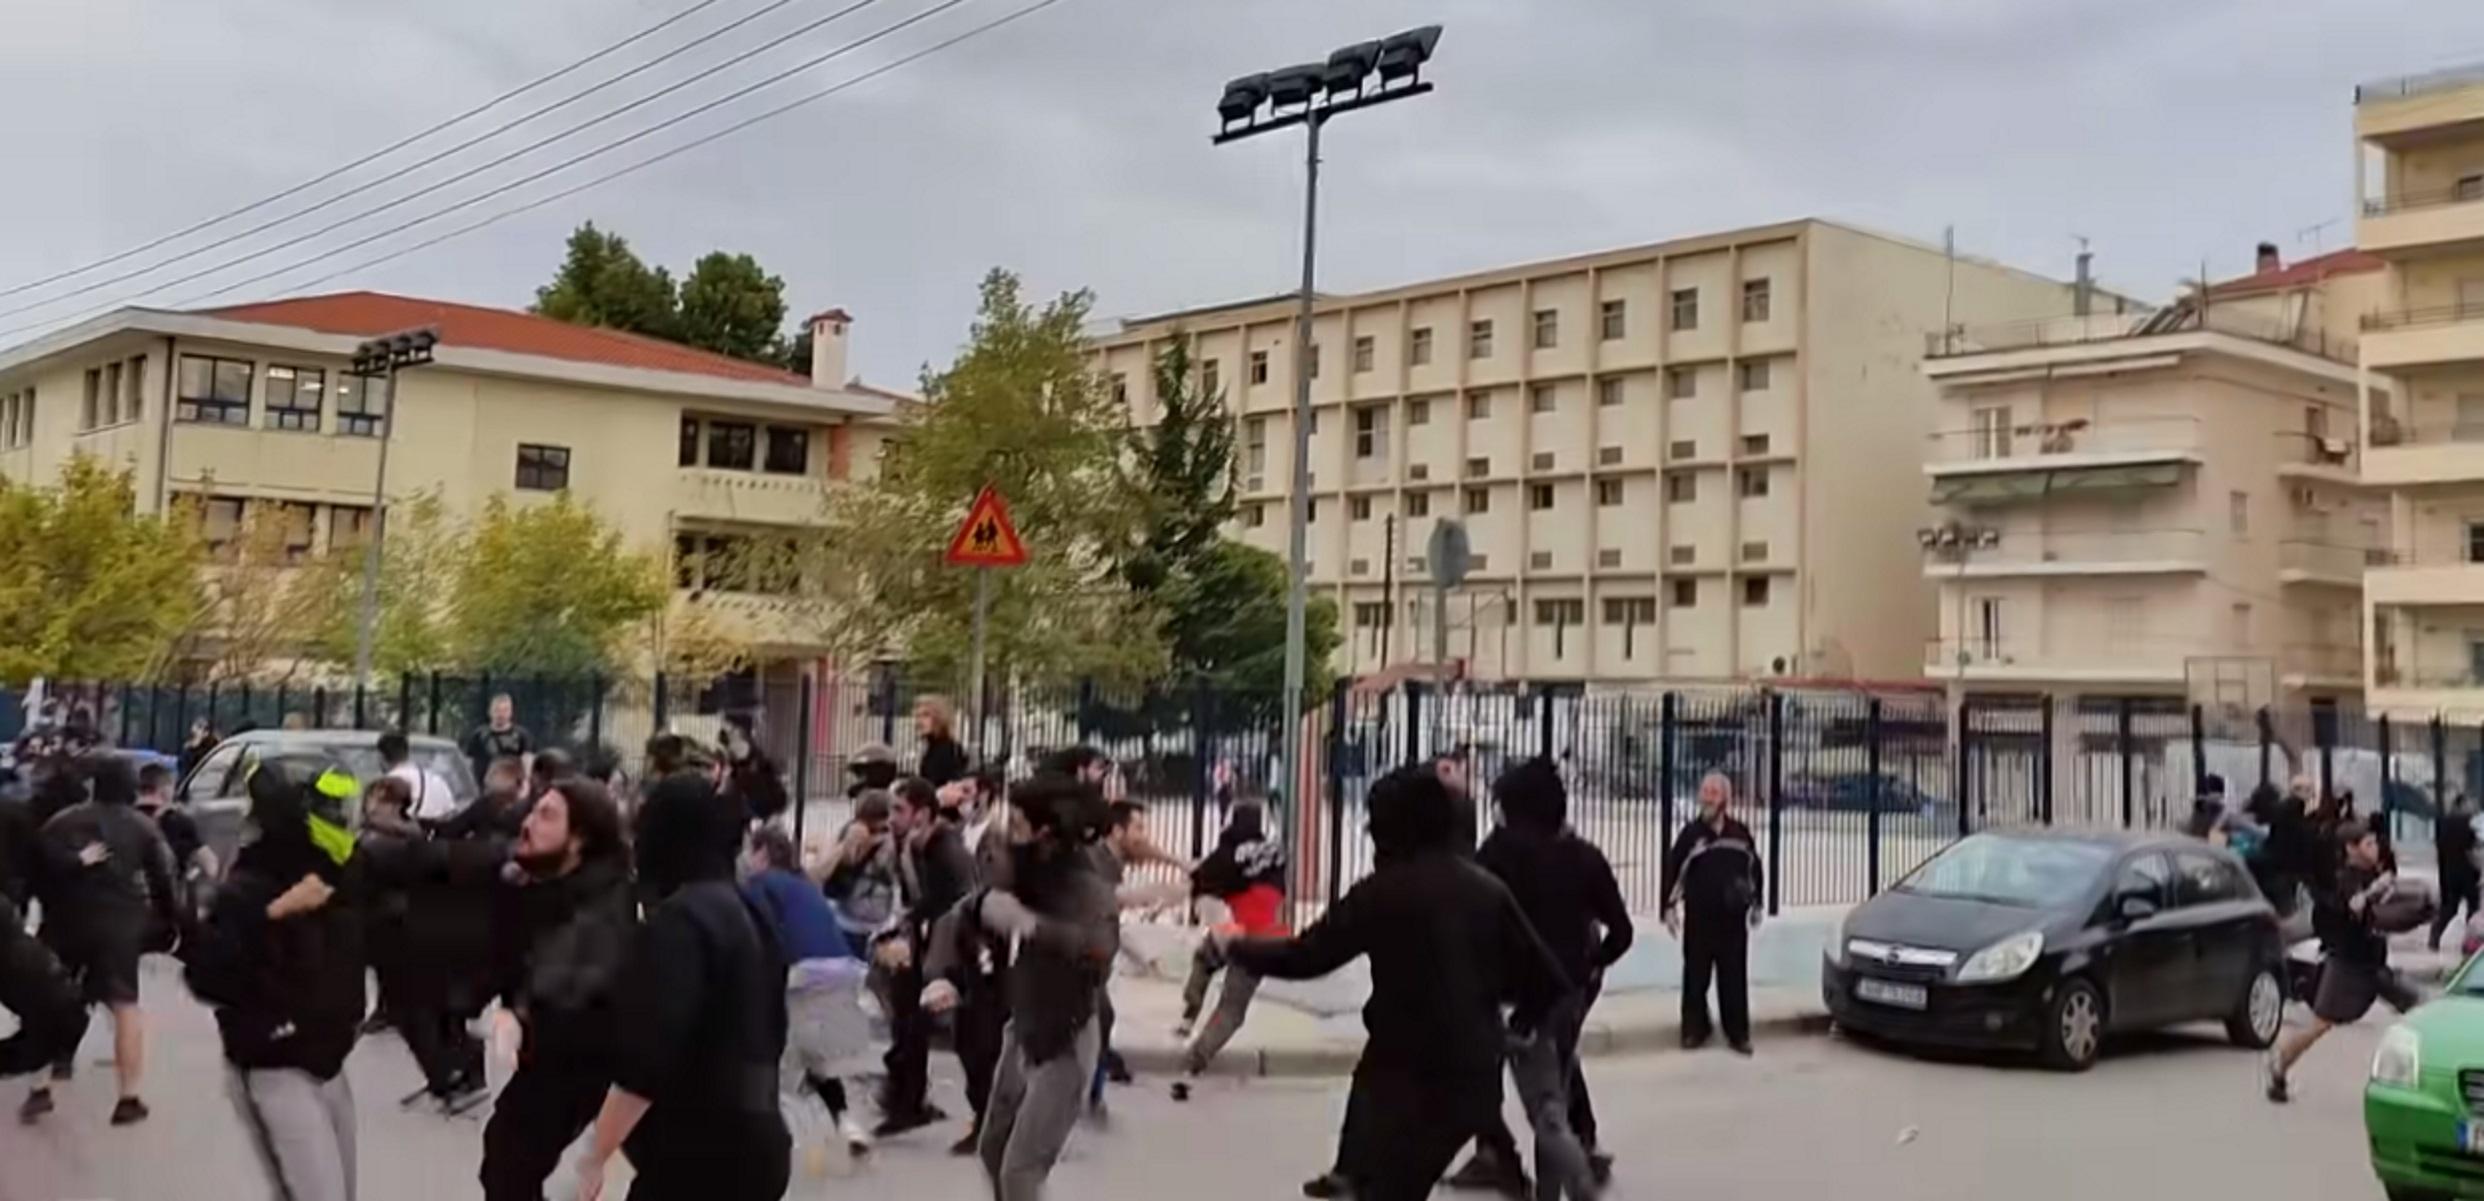 ΕΠΑΛ Σταυρούπολης: Τι λένε μαθητές για τα άγρια επεισόδια – «Μας έλεγαν ναζιστές»